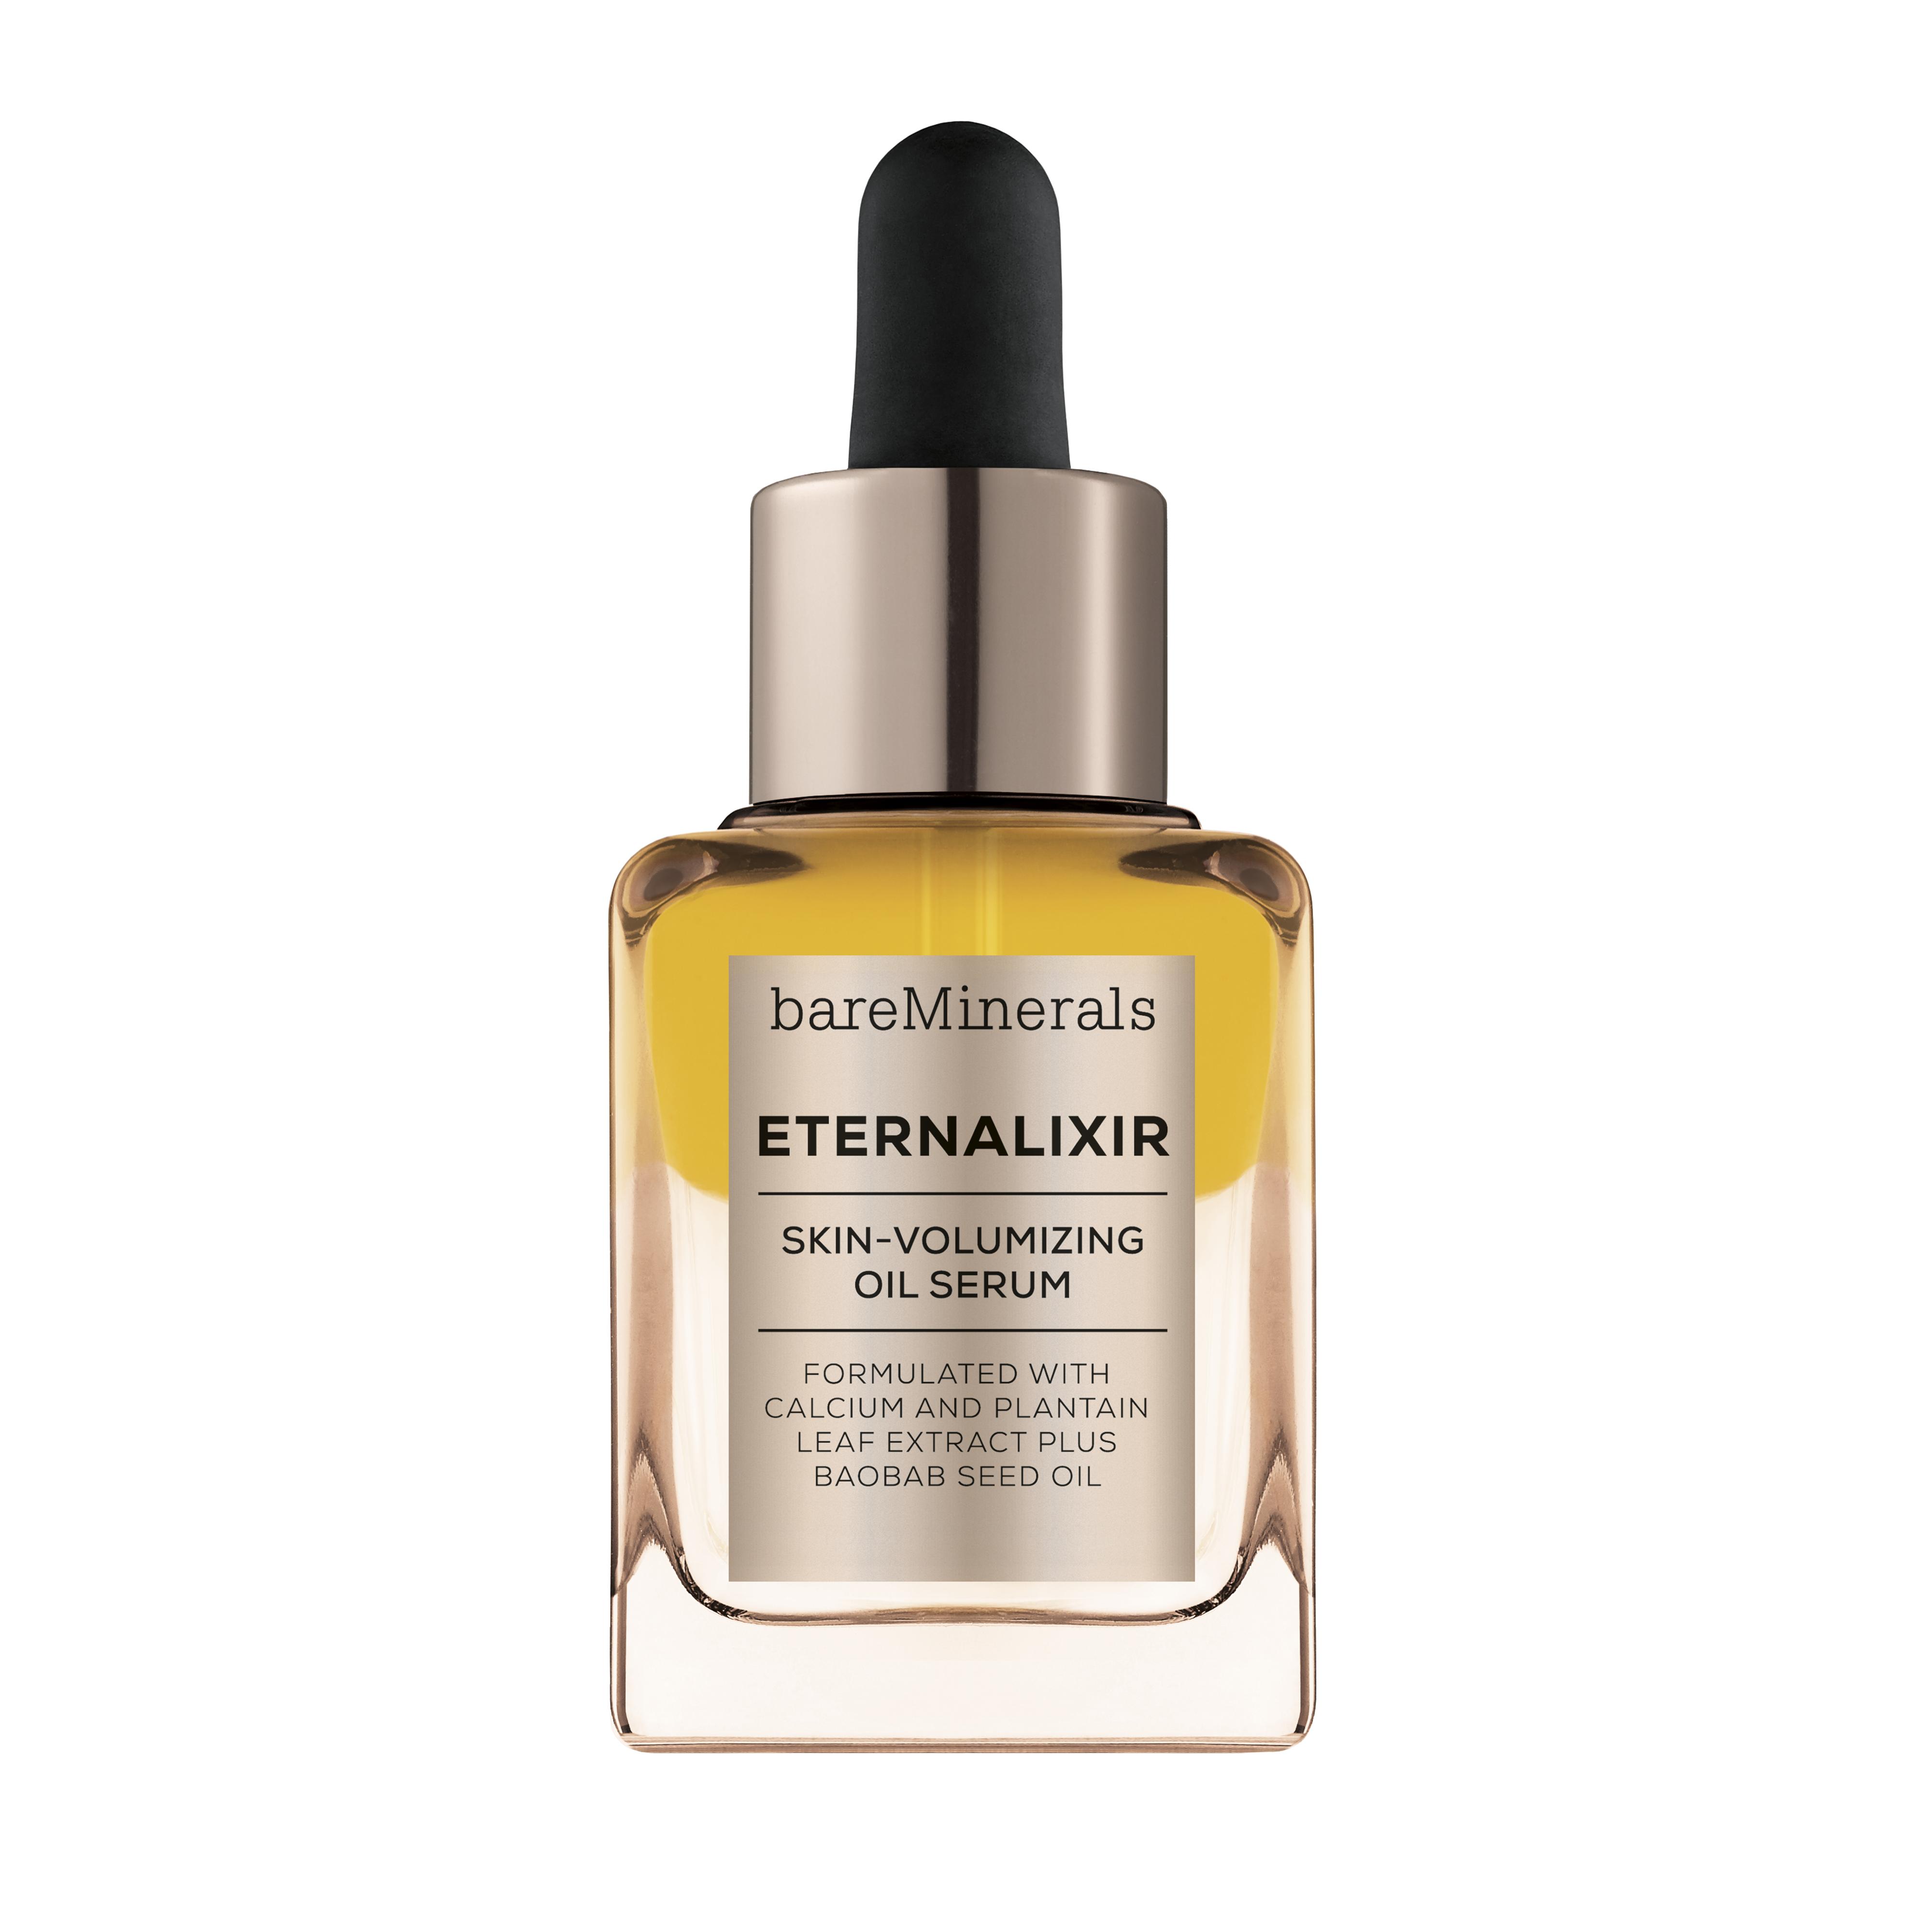 Eternalixir™ Skin-Volumizing Oil Serum